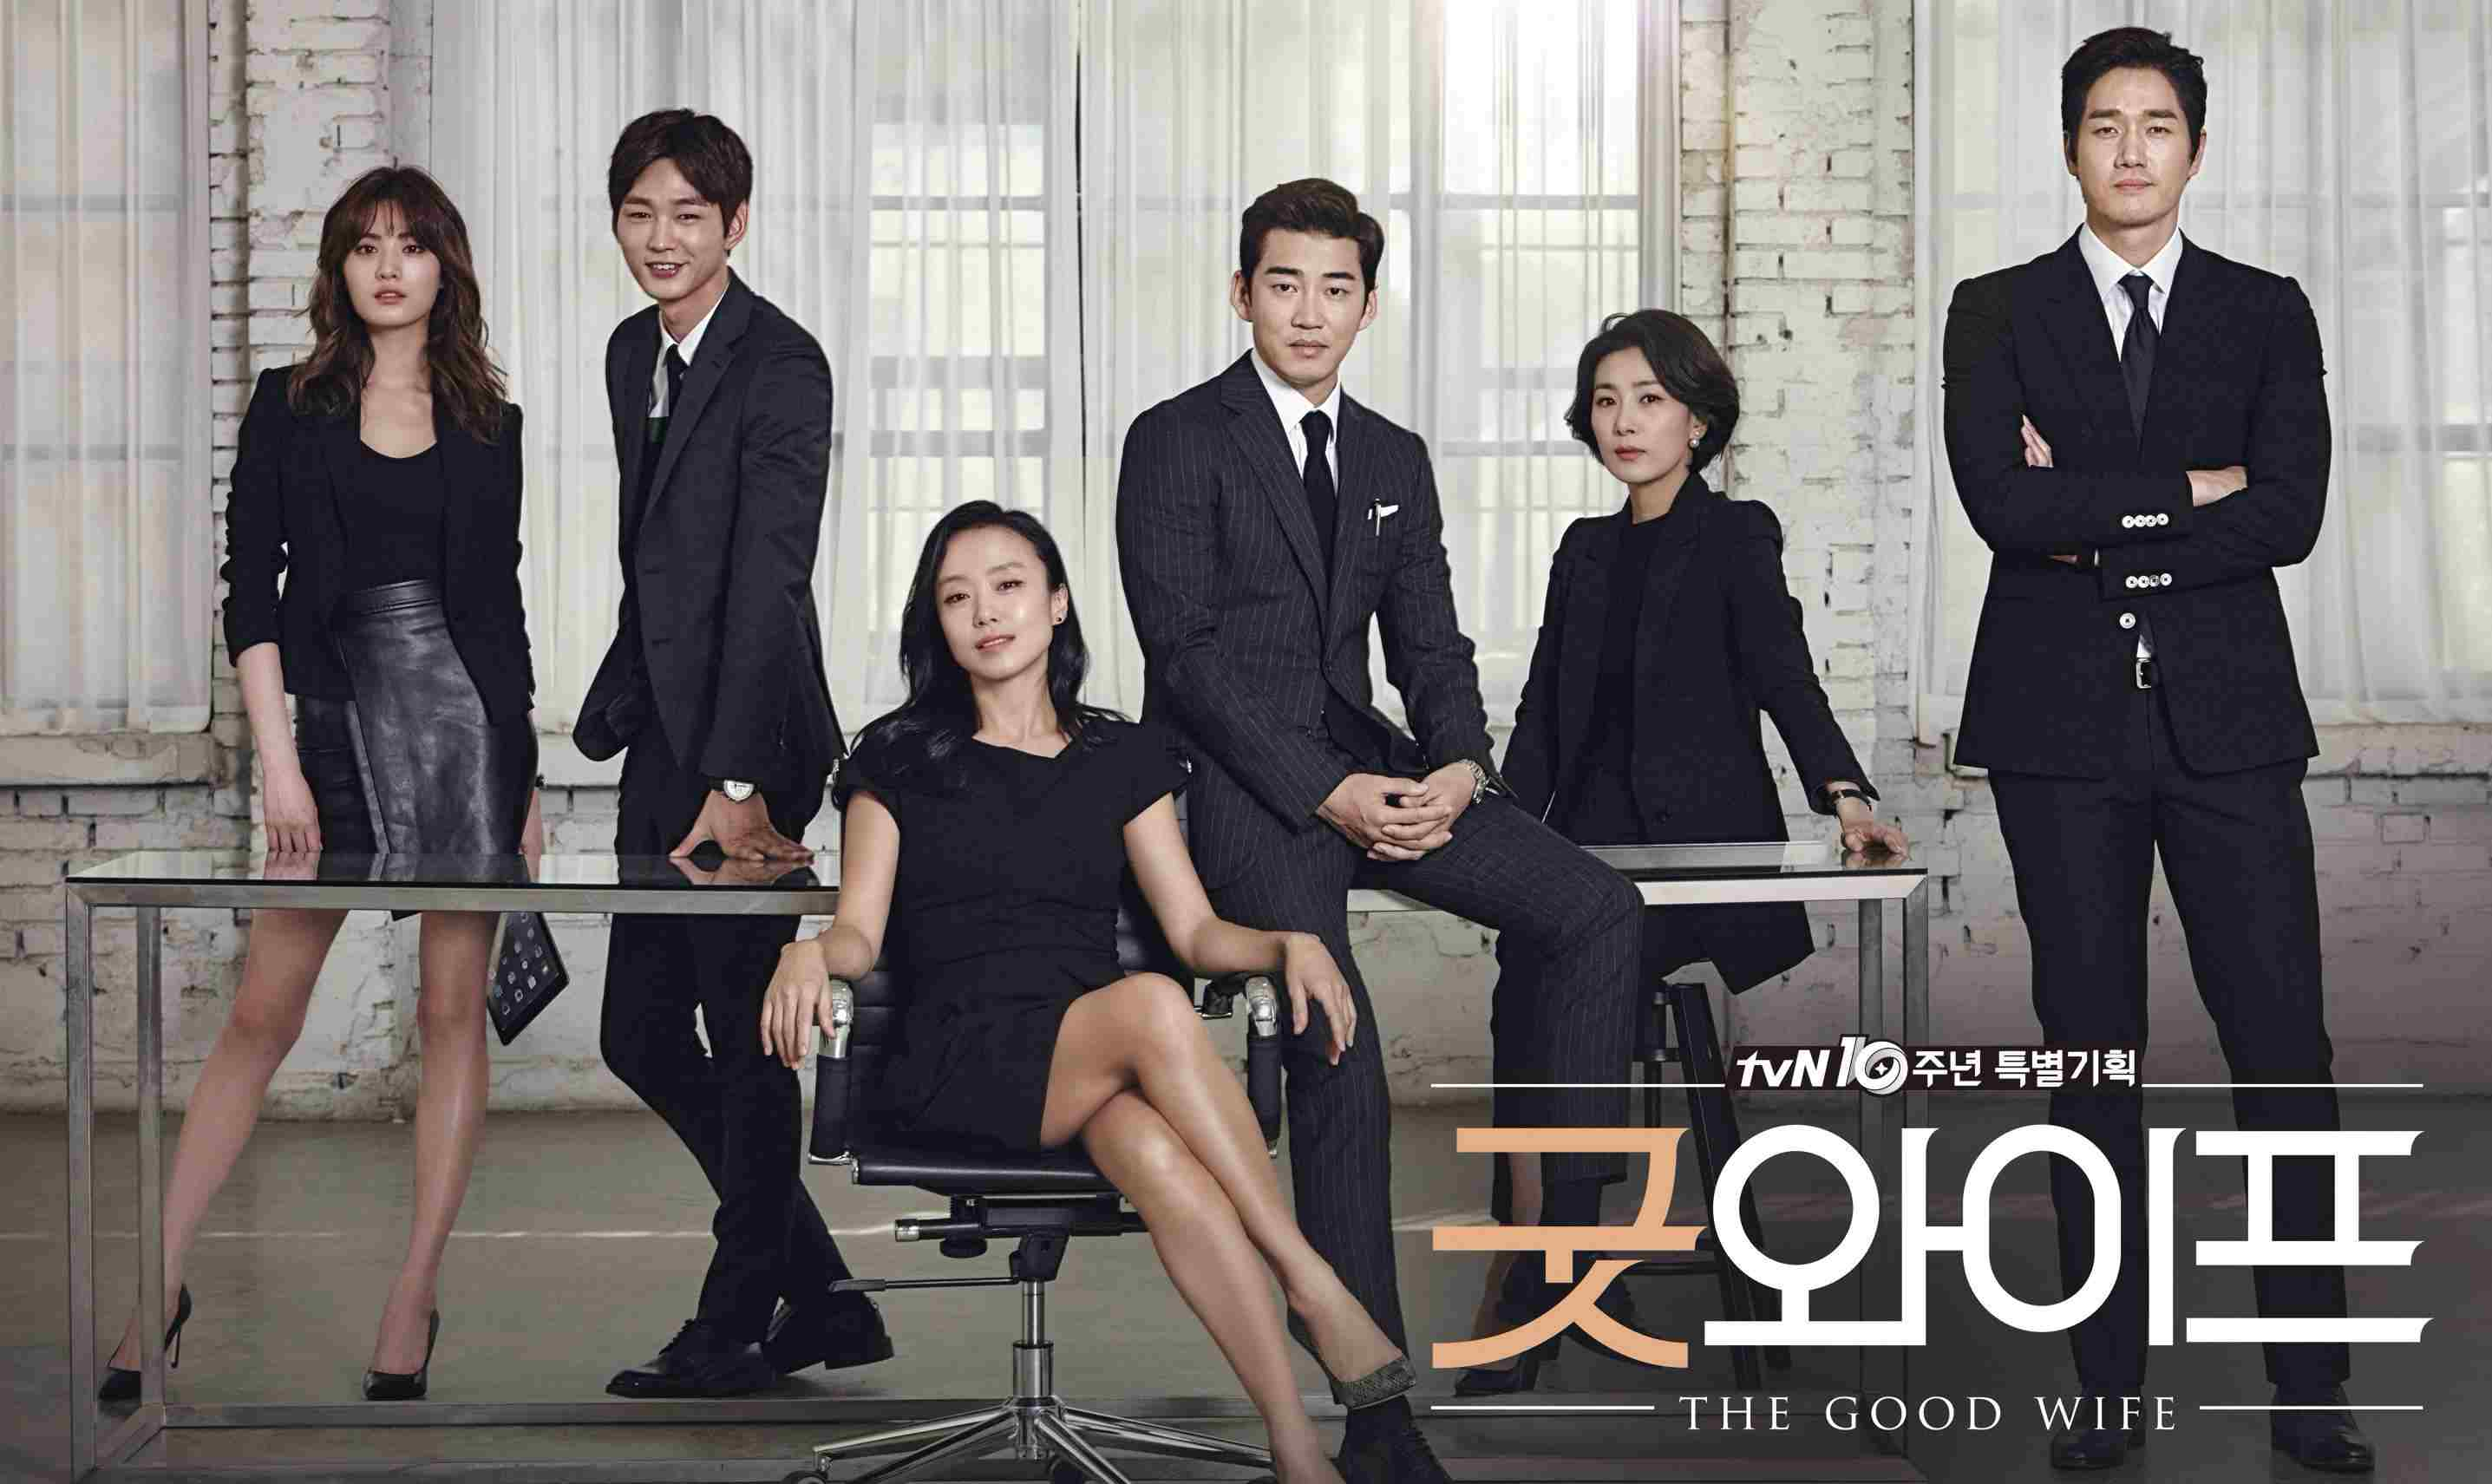 {金土劇:星期五、星期六} ➔TOP4 tvN《Good Wife》 主演:全道嬿、劉智泰、尹啟相、李源根、金瑞亨